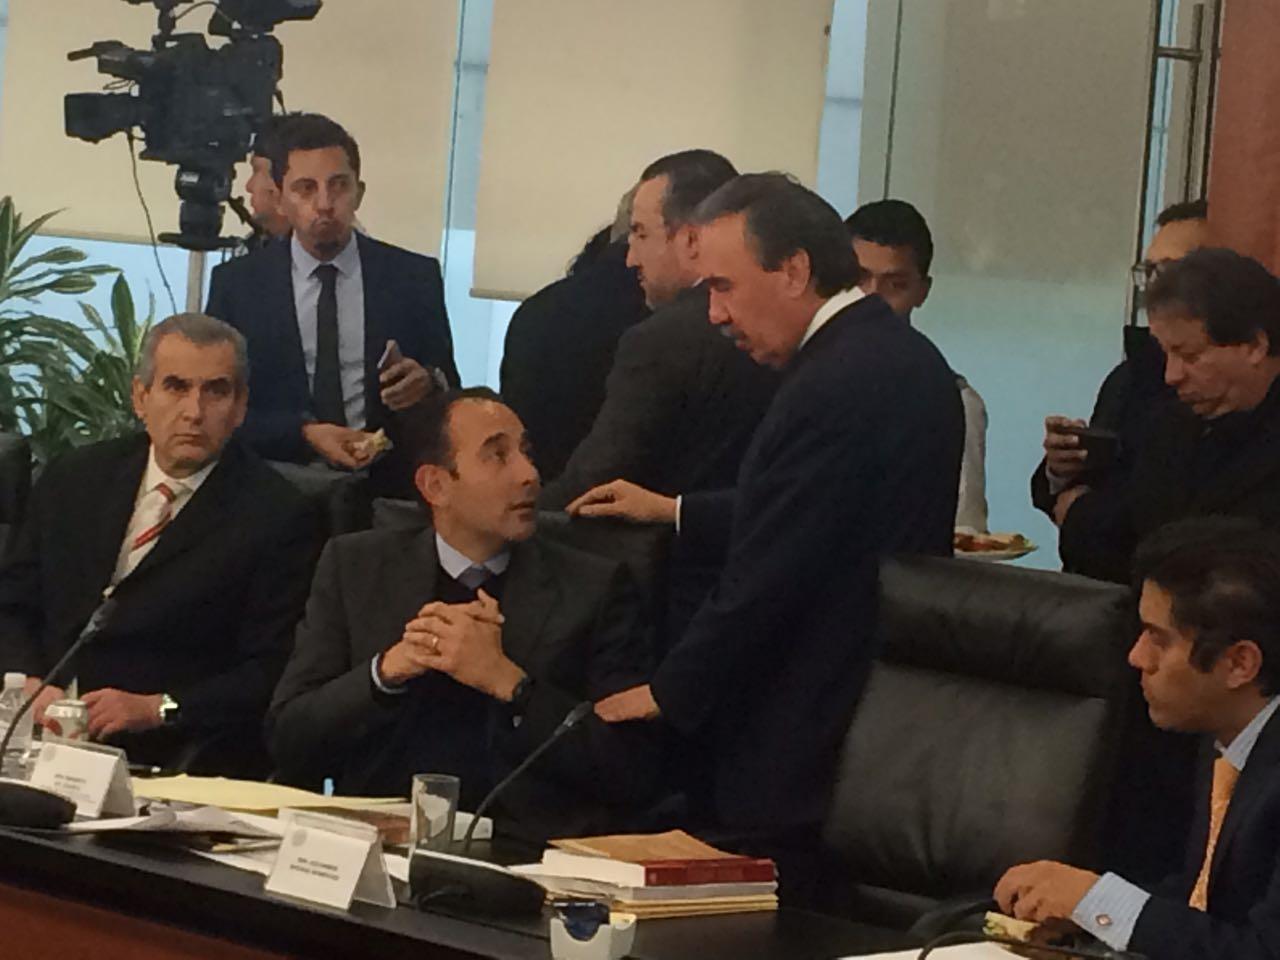 El senador Roberto Gil Zuarth, del PAN, habla con su colega, Emilio Gamboa, del PRI, mientras se discute...